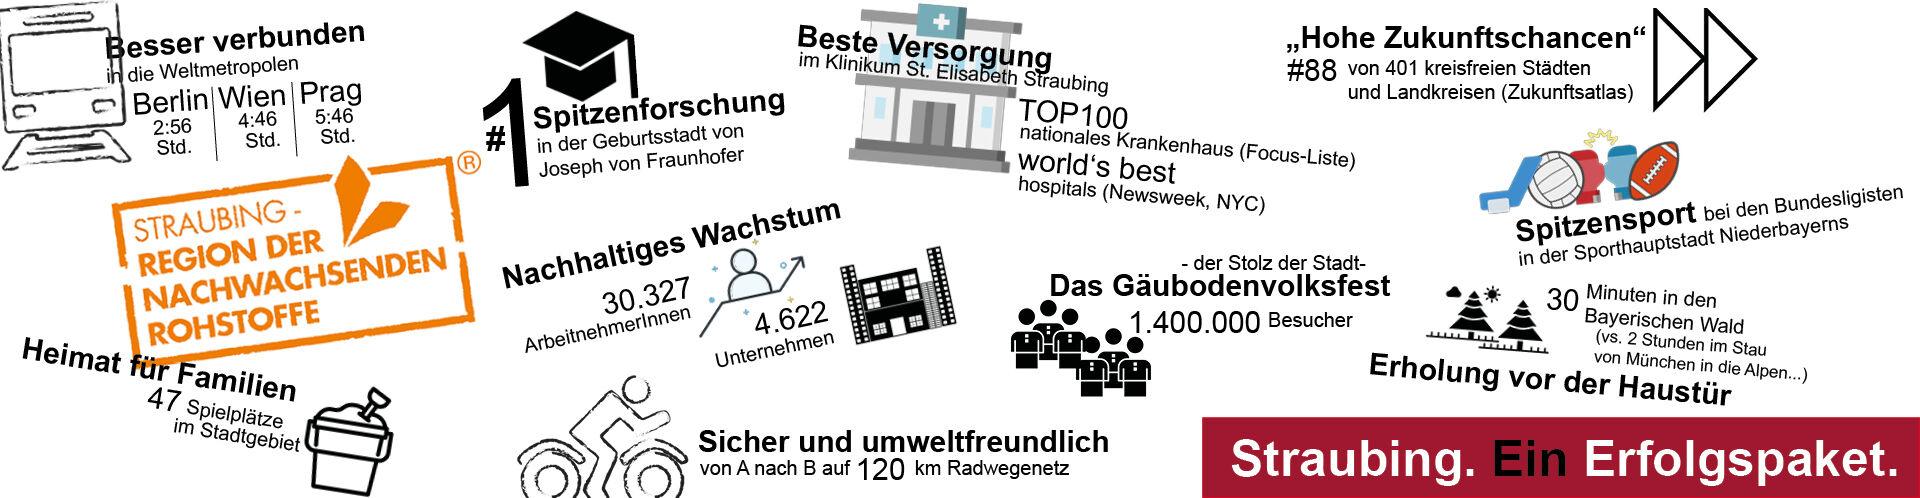 Straubing-Ein Erfolgspaket